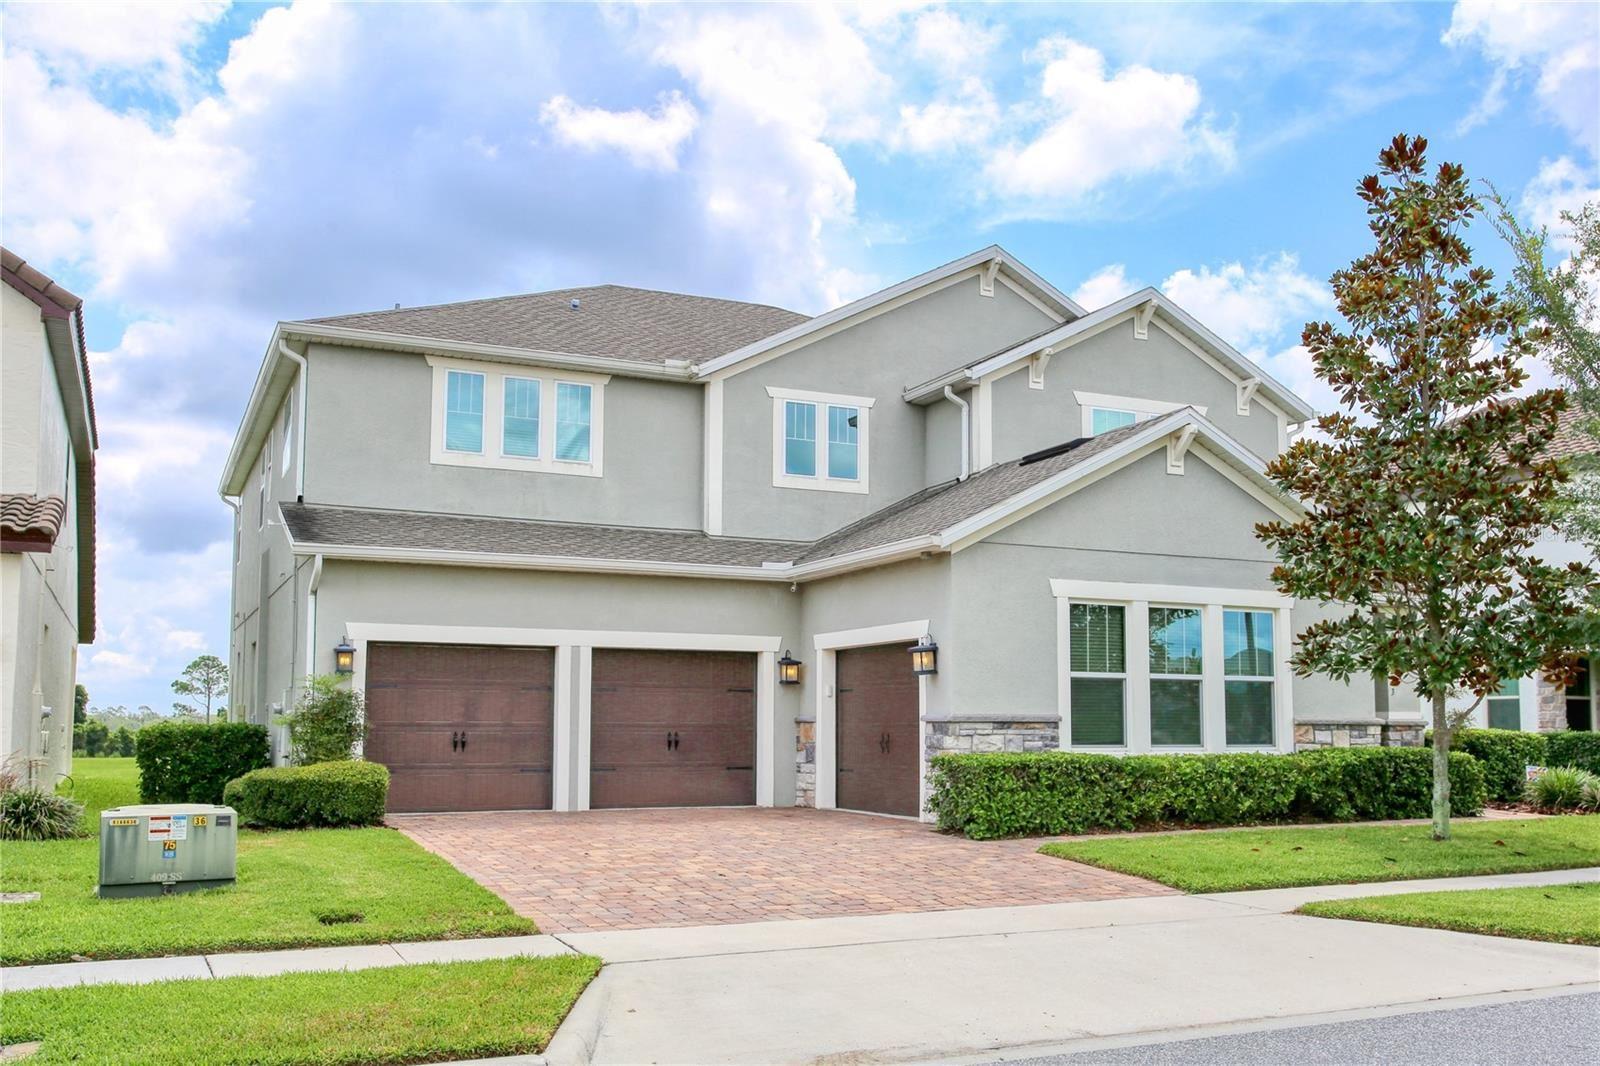 9213 BUSACO PARK WAY, Winter Garden, FL 34787 - #: O5962297